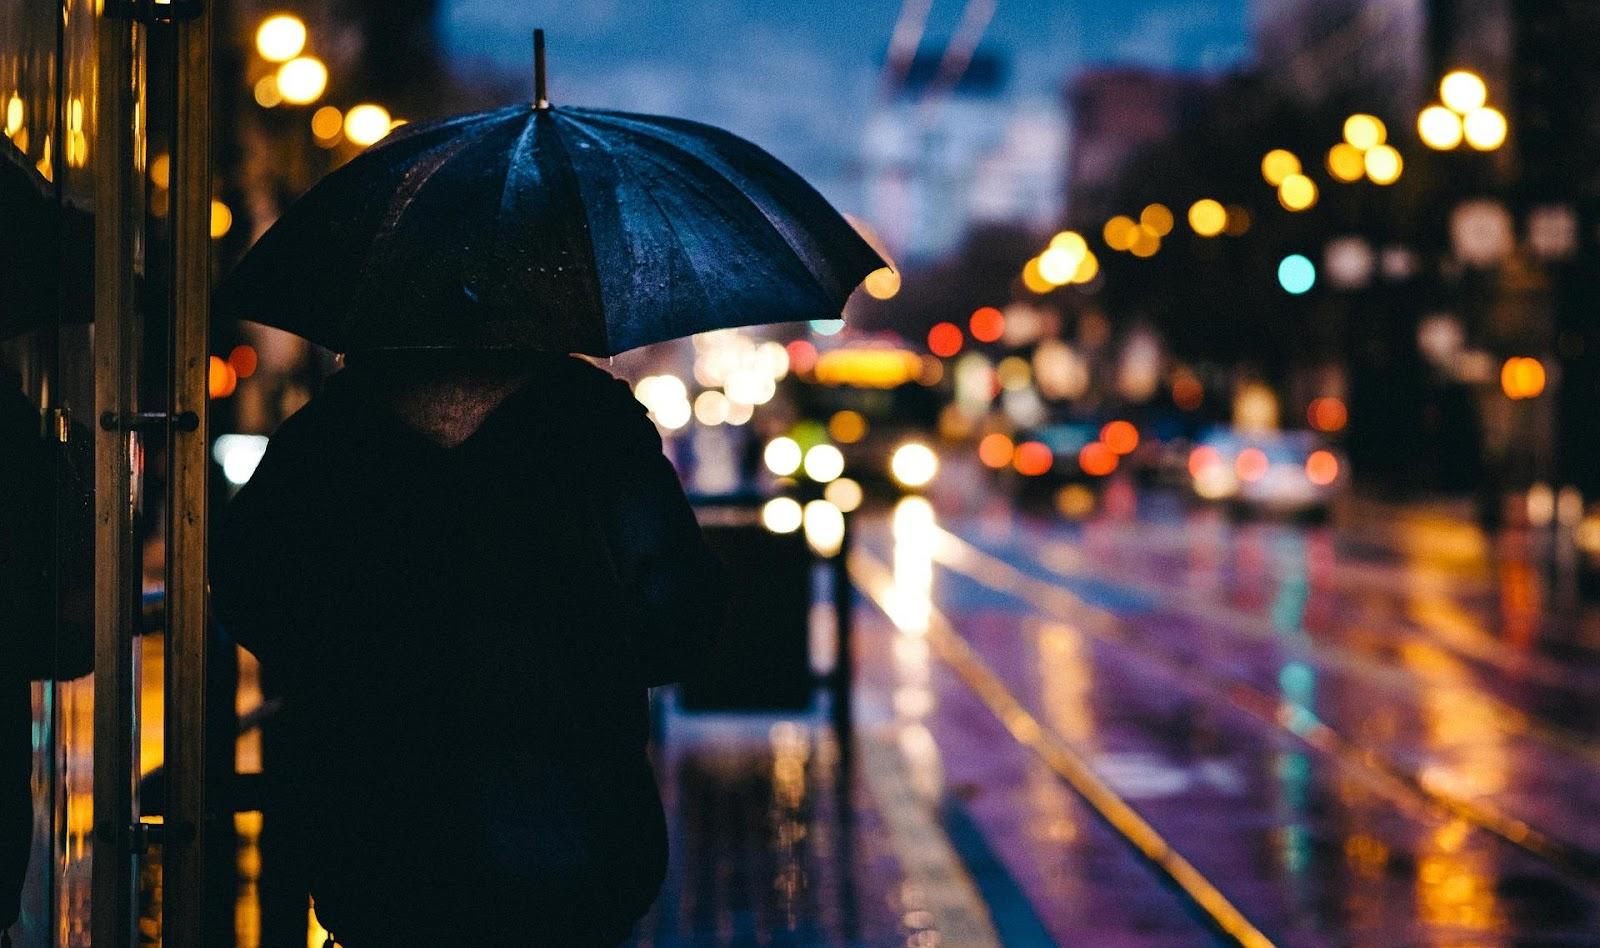 person holding umbrella in the rain